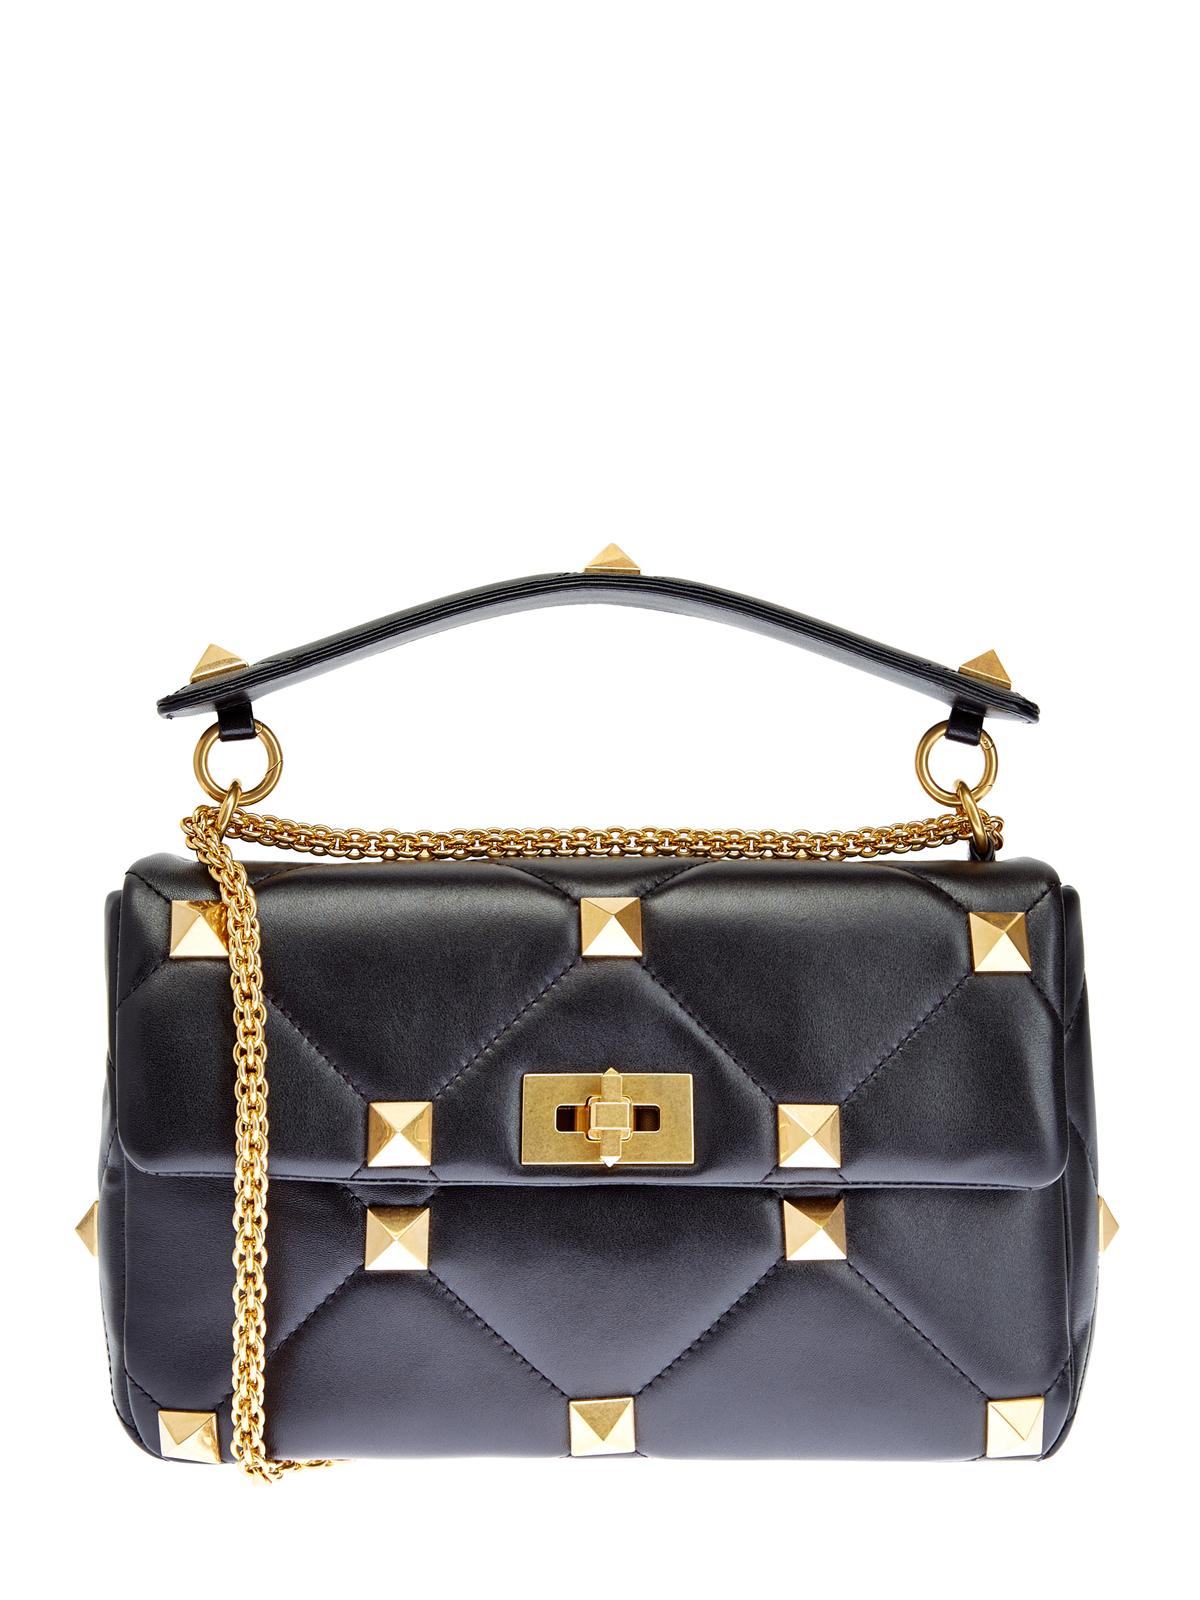 Кожаная сумка на цепочке Roman Stud The Shoulder Bag